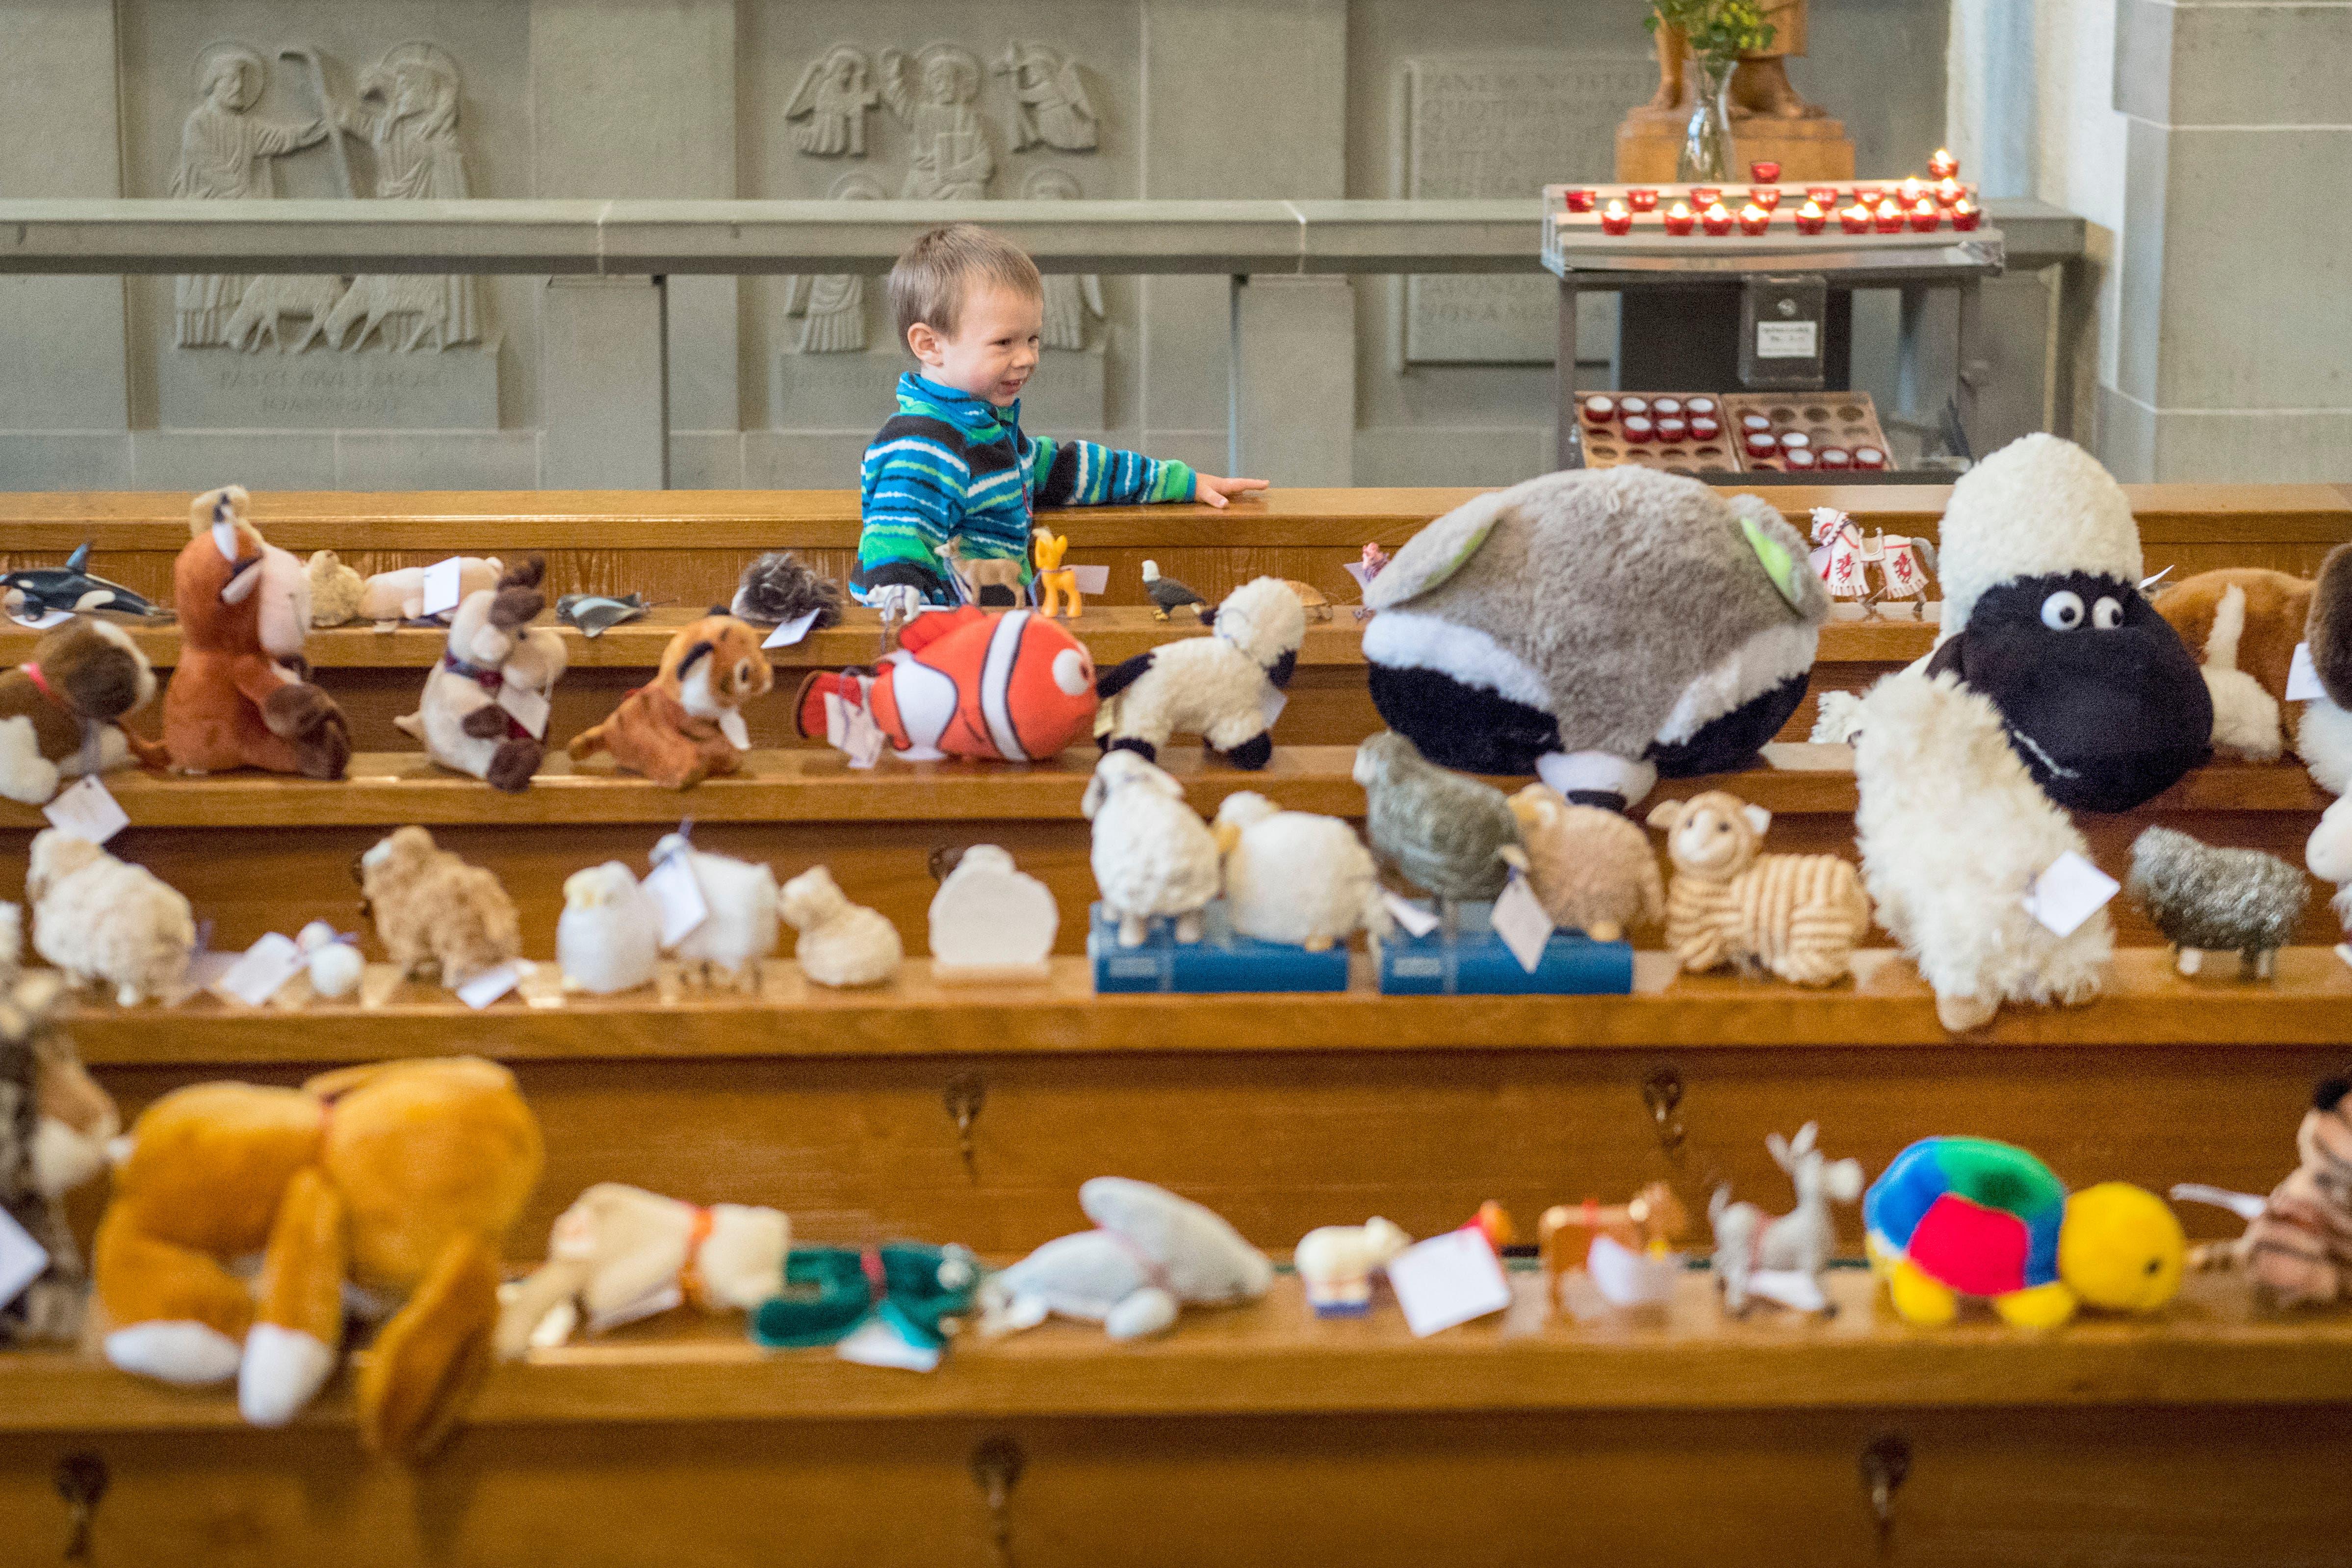 Die Vielfalt an Plüschtieren in der Dreifaltigkeitskirche ist überwältigend: Im Bild sind unter anderem der Shawn, das Schaf, und Nemo, der Trickfilm-Clownfisch, zu erkennen. (Bild: Urs Bucher)